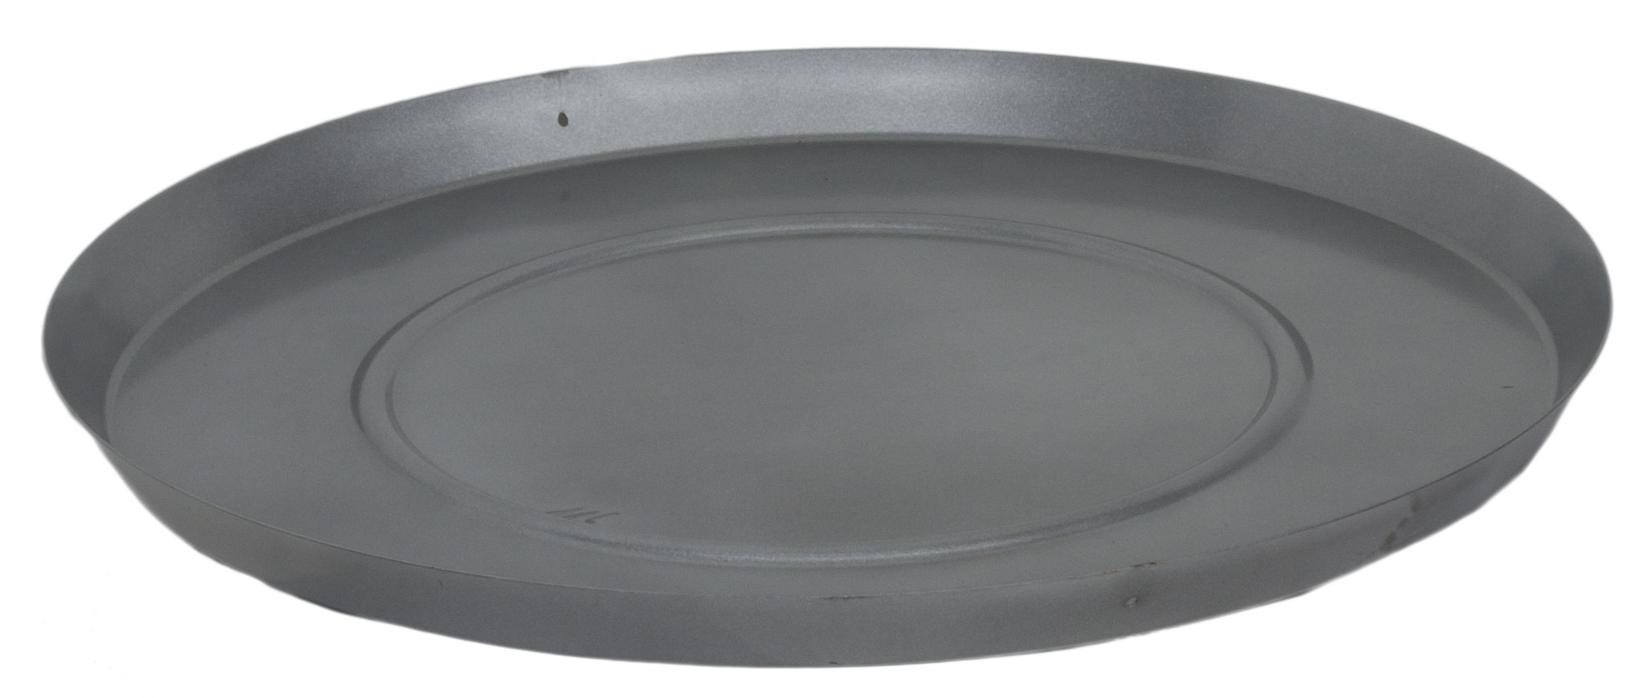 Feuerfeste Schale ca. 48cm Durchmesser